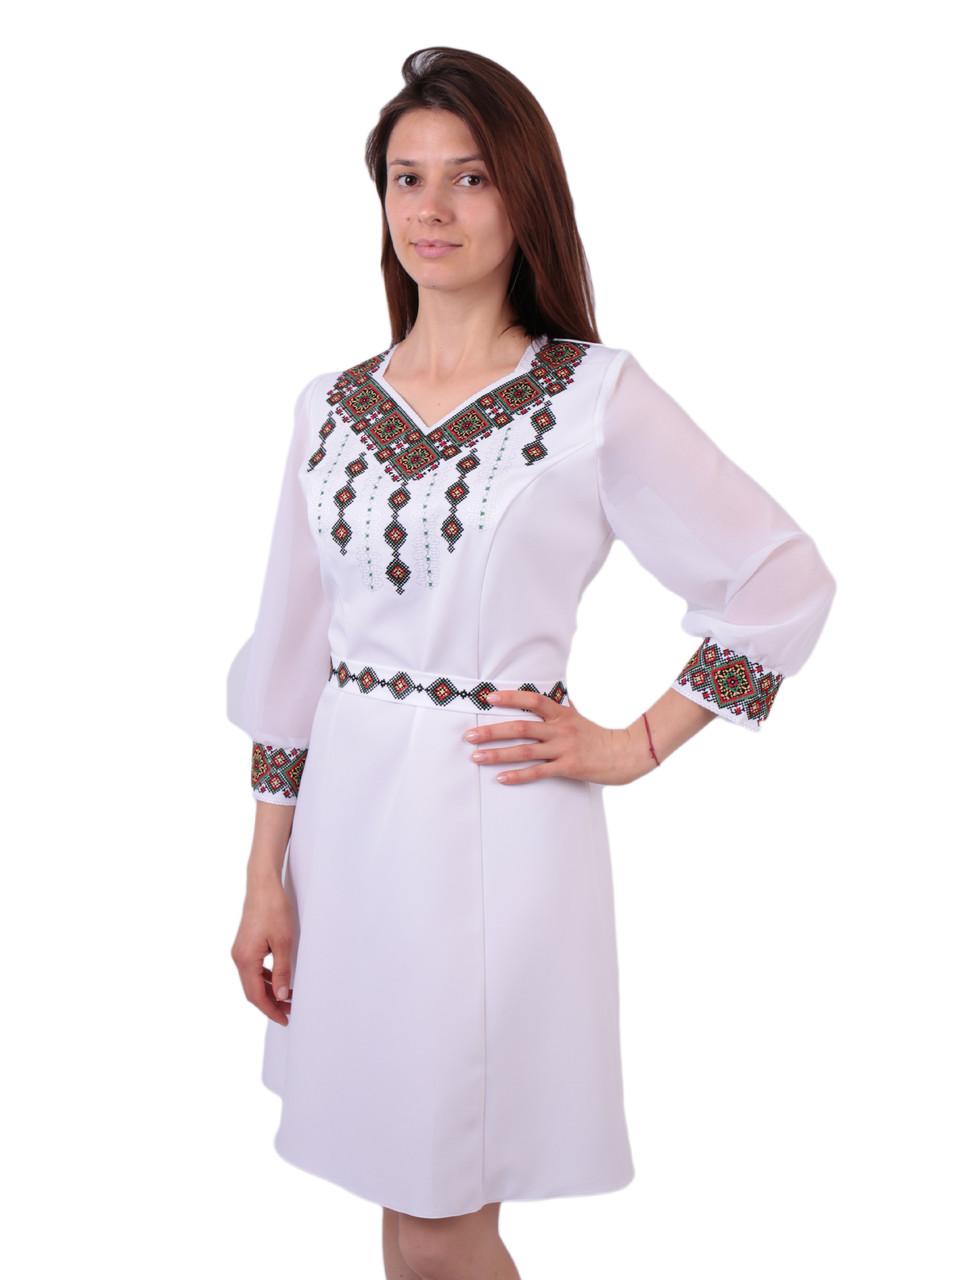 Вишите біле плаття недорого з машинною кольоровою вишивкою